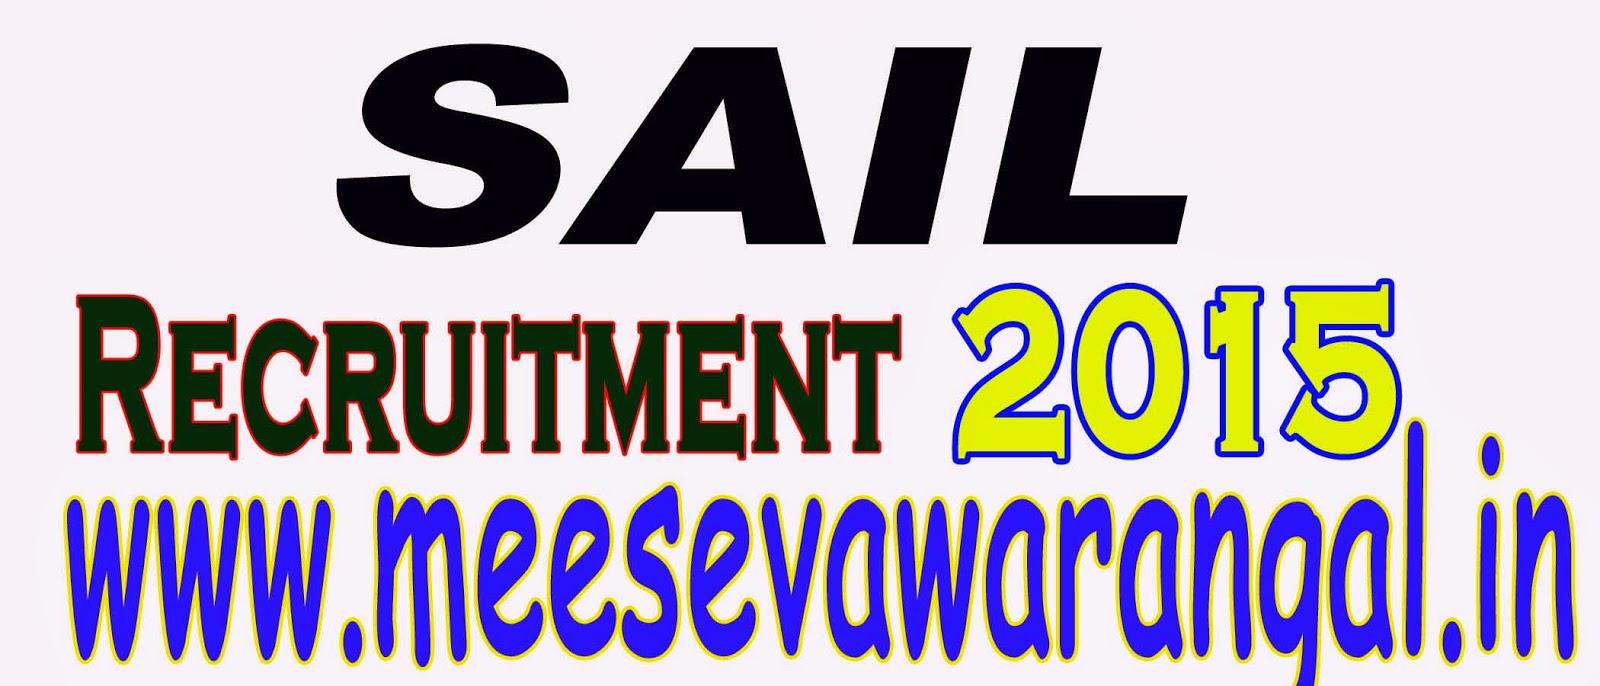 sail govt jobs